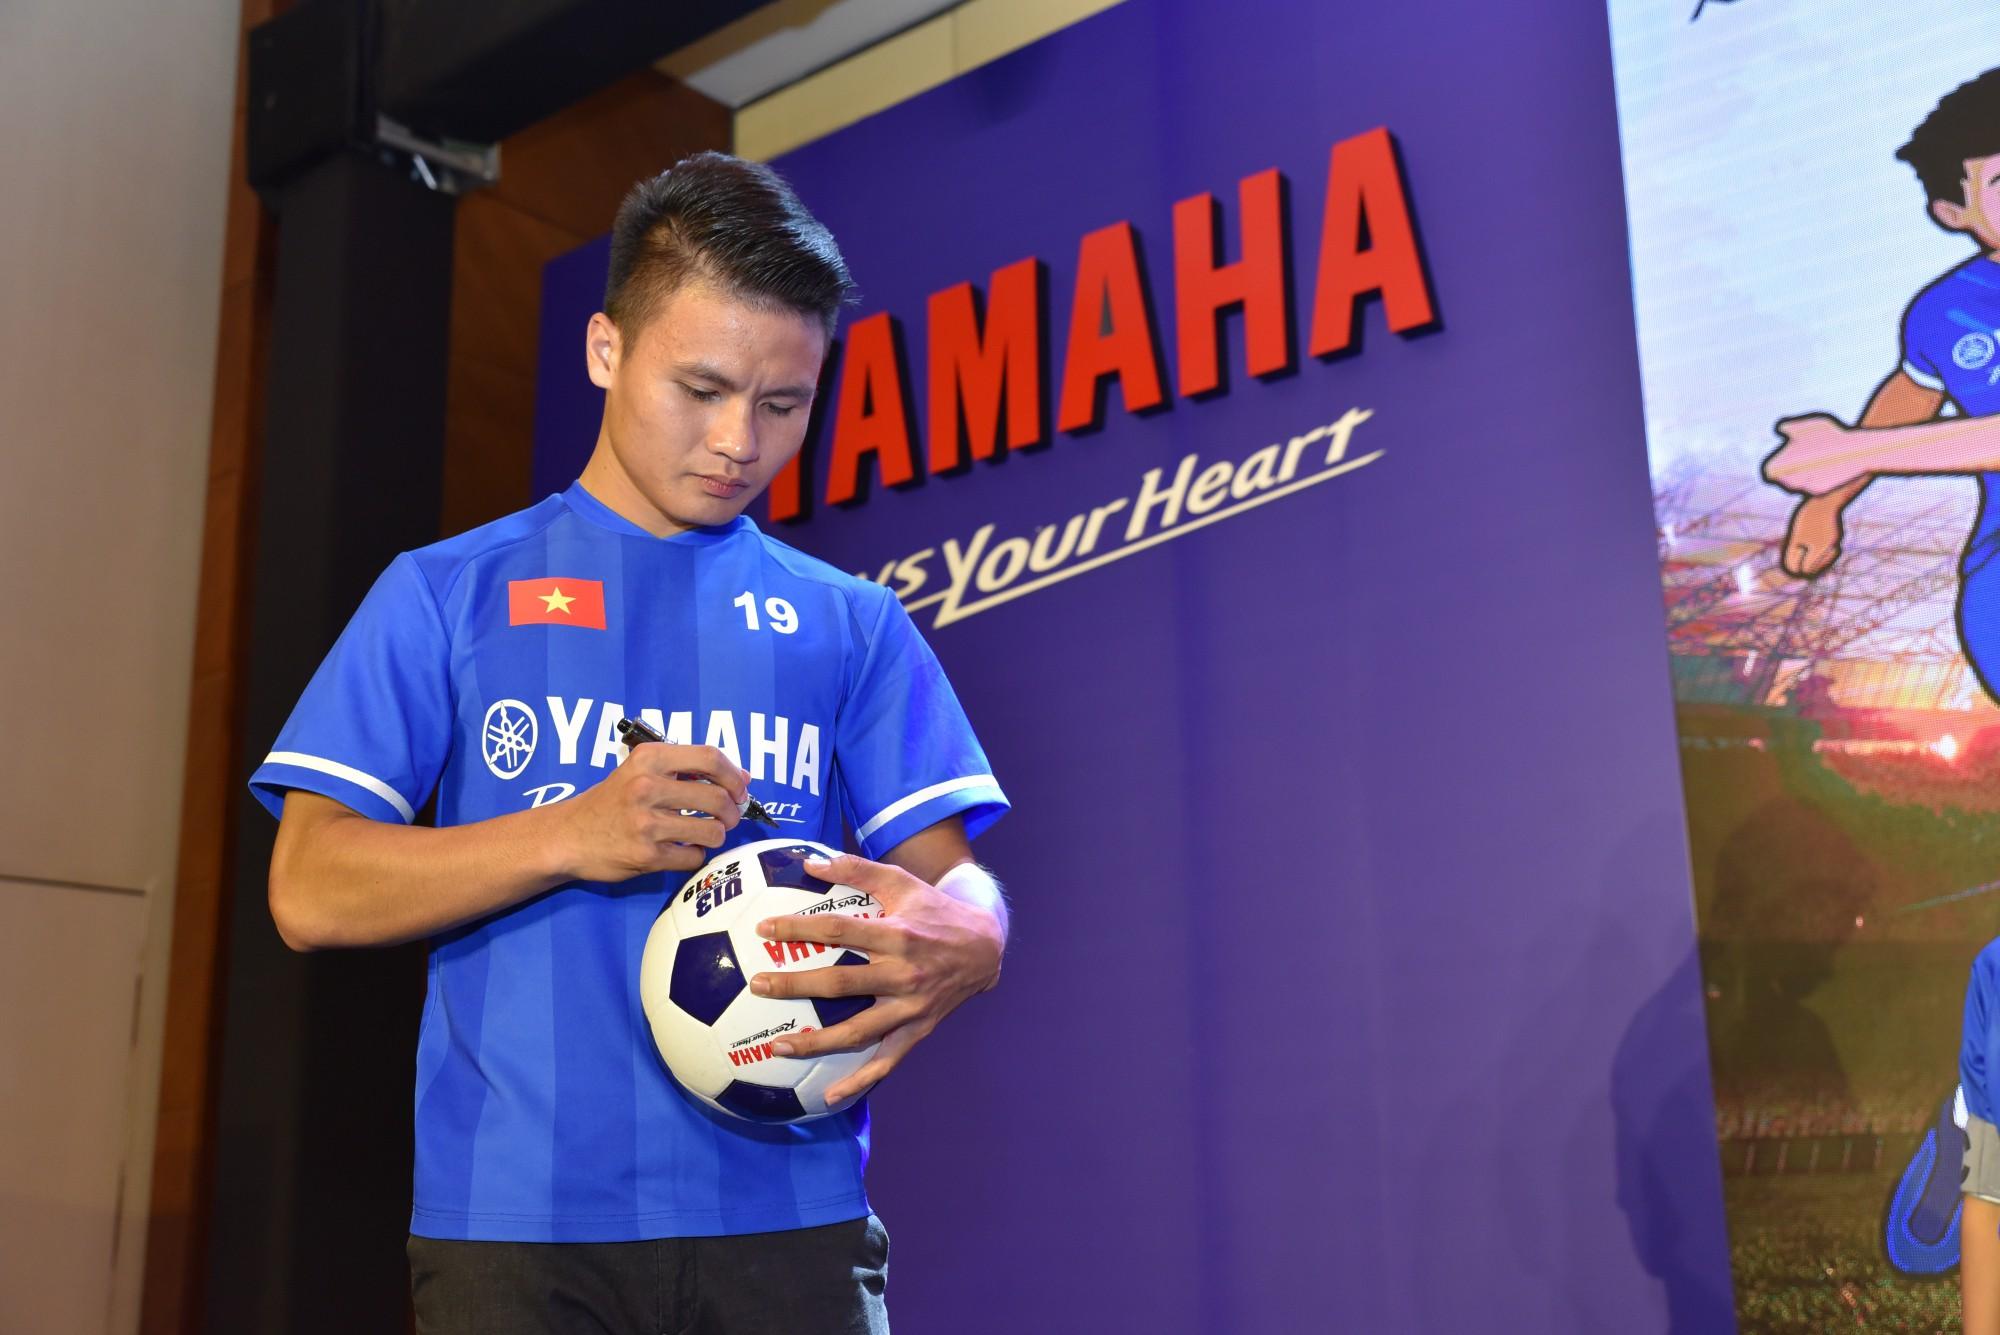 Khởi động giải bóng đá Thiếu niên U13 tìm kiếm cầu thủ tài năng trẻ - Ảnh 2.